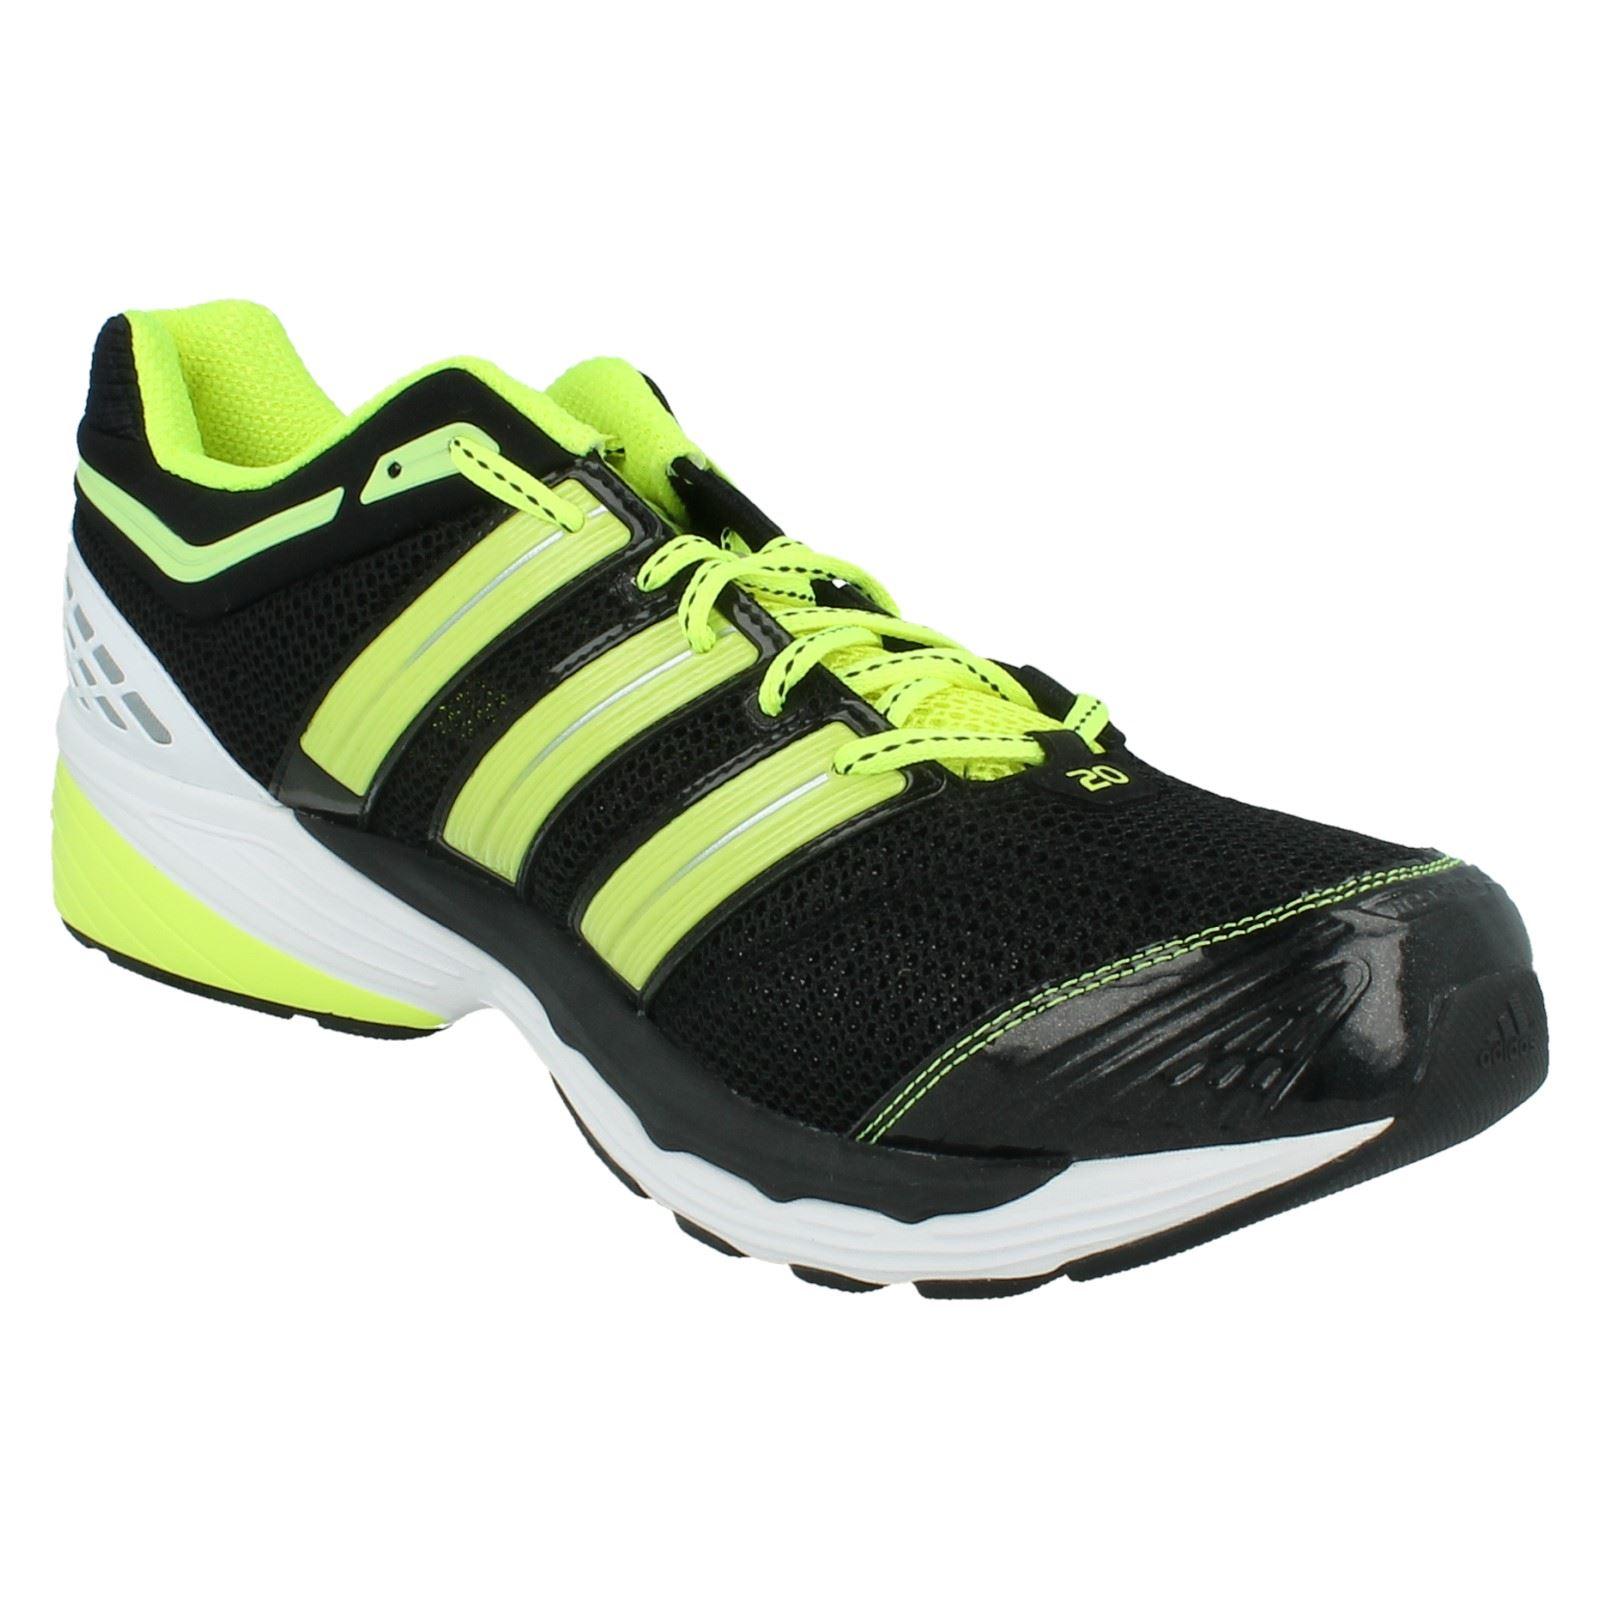 sale retailer 4ce4e 0b1f4 ... Hombre Adidas Adidas Adidas Trainers resp Cushion 20m el modelo mas  vendido de la marca 4630a6 ...